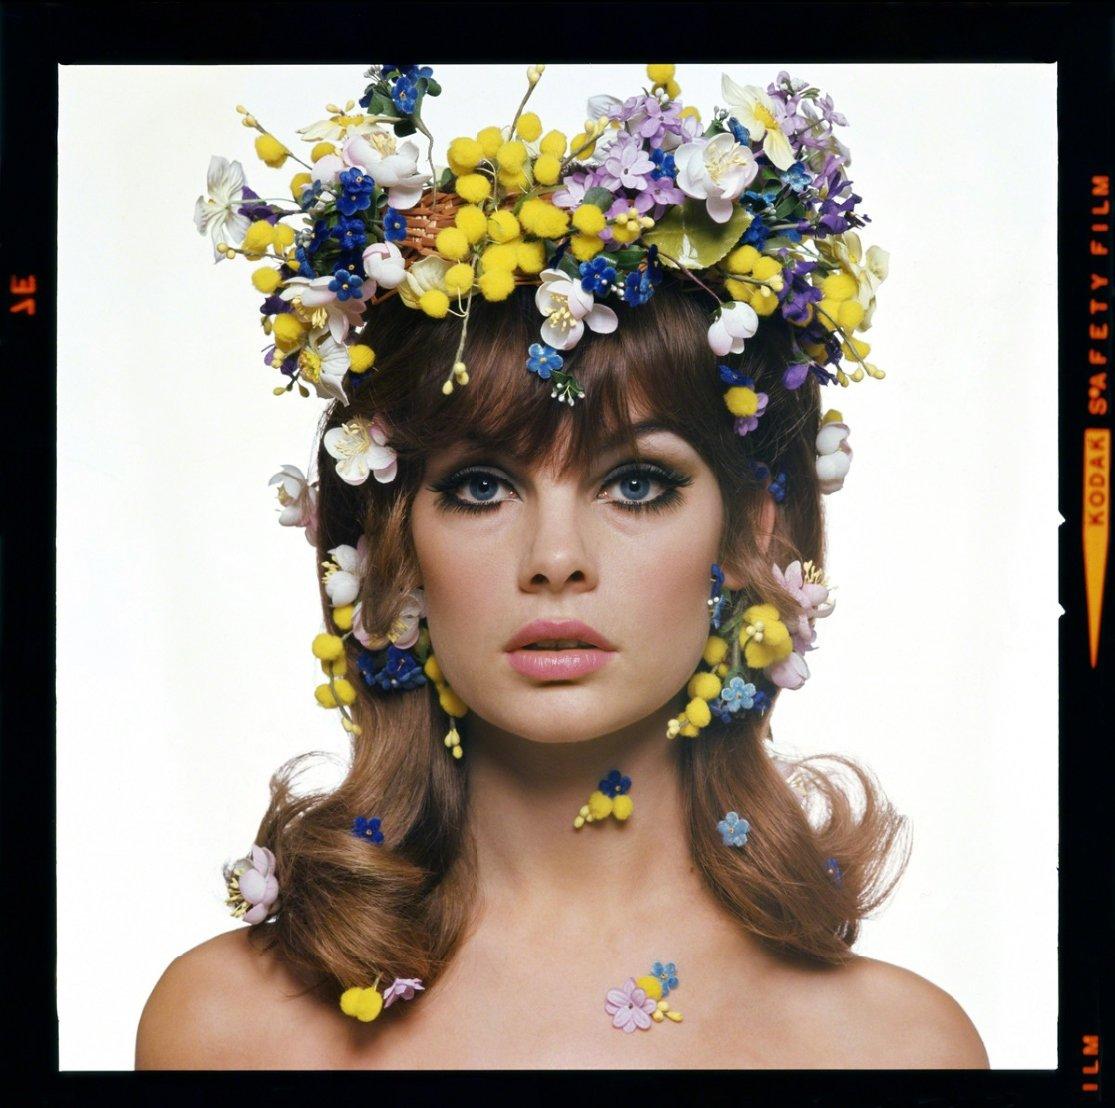 Portrait couleur film moyen format photographie de Jean Shrimpton par Bert Stern